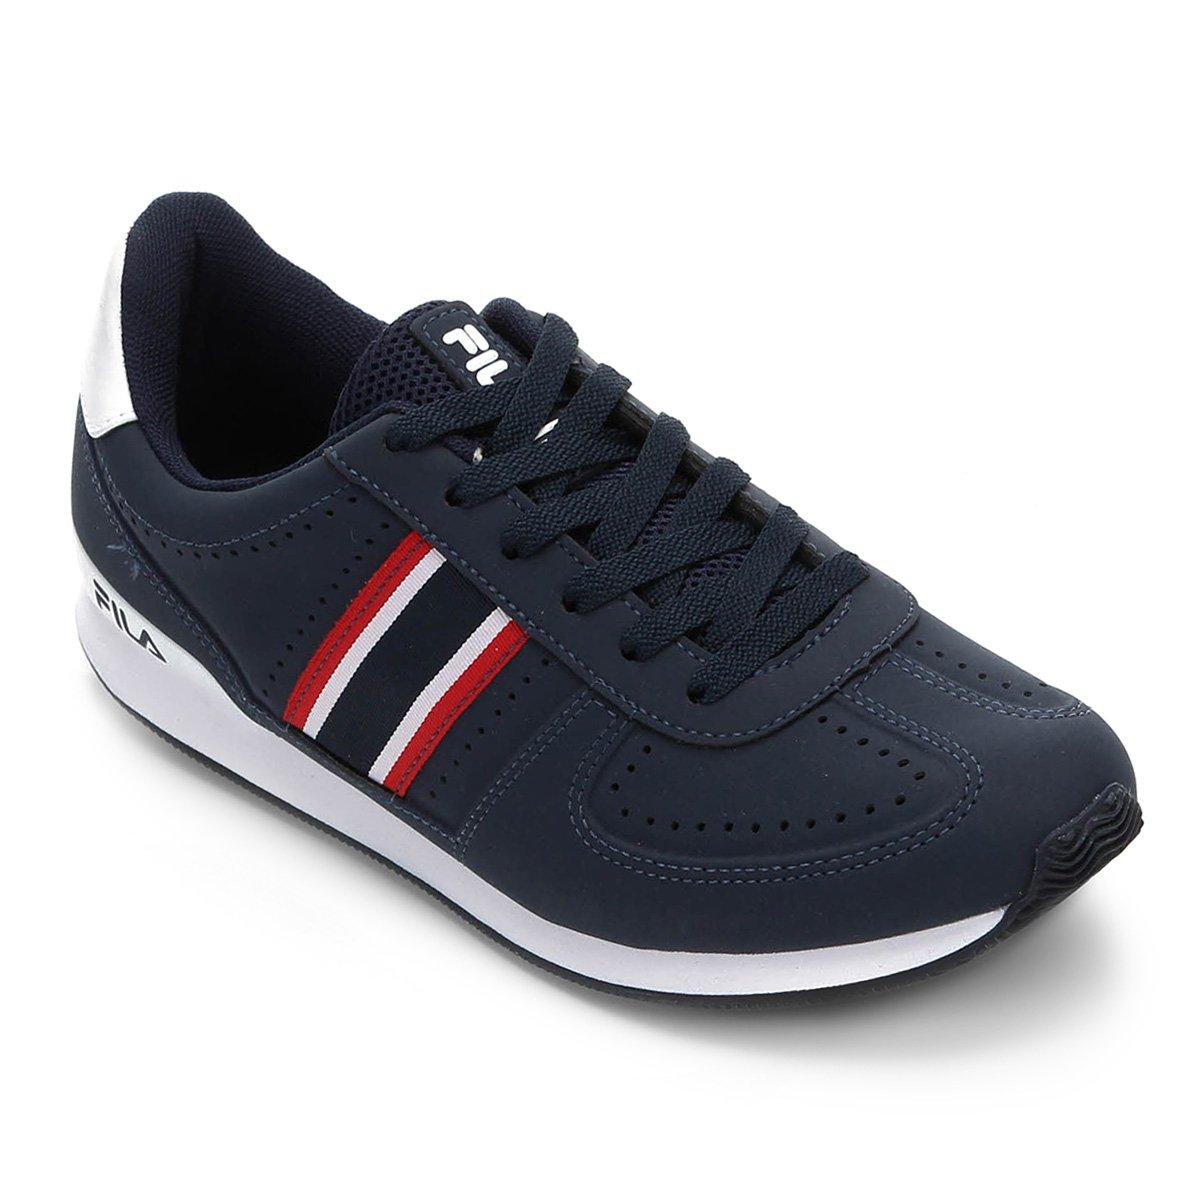 529b08c538797 Tenis Fila F-Retro Sport 2.0 Sl Masculino - Azul e Vermelho - Compre Agora